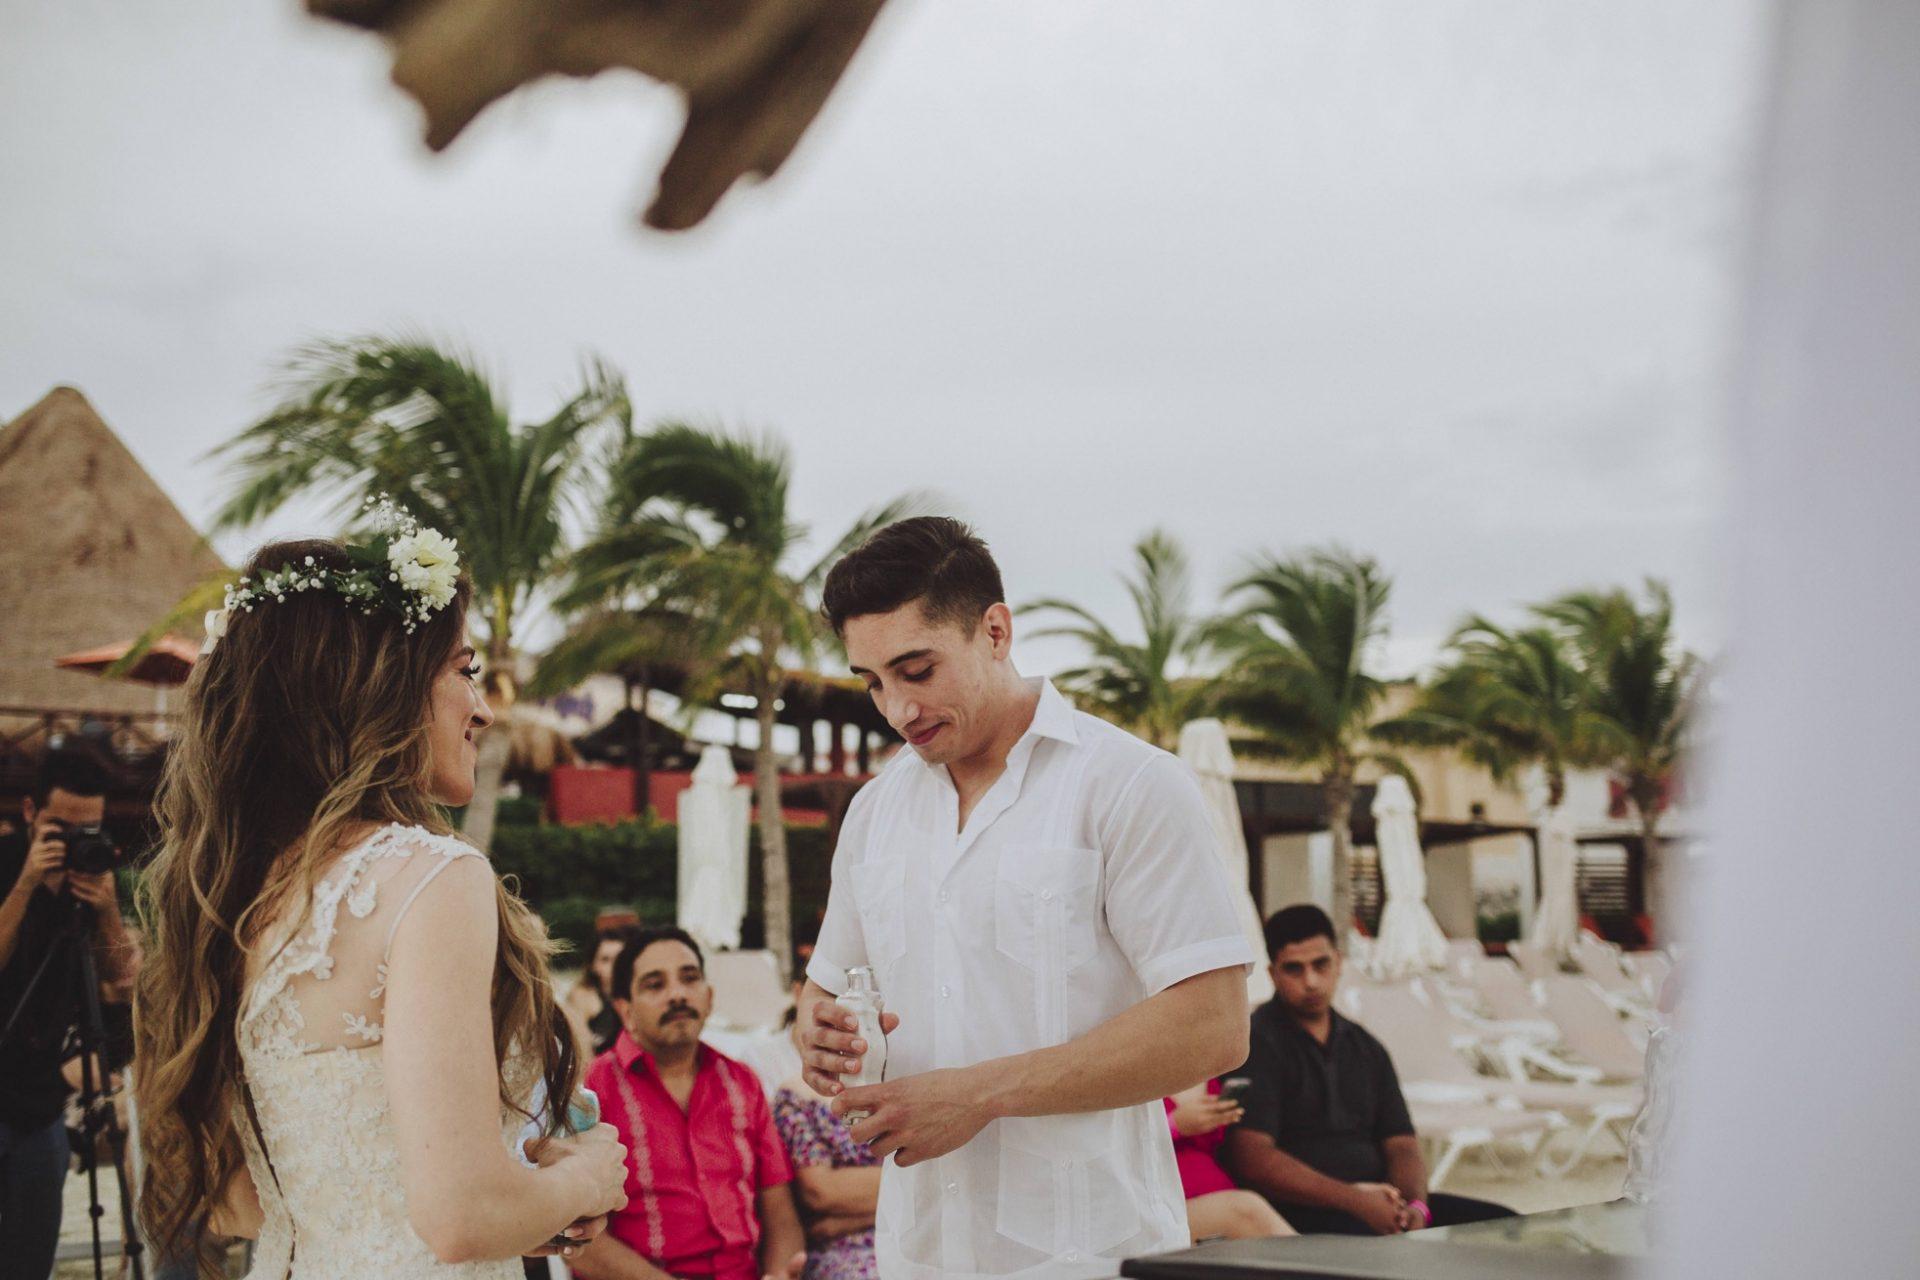 fotografo_bodas_profesional_zacatecas_riviera_maya_cancun-60